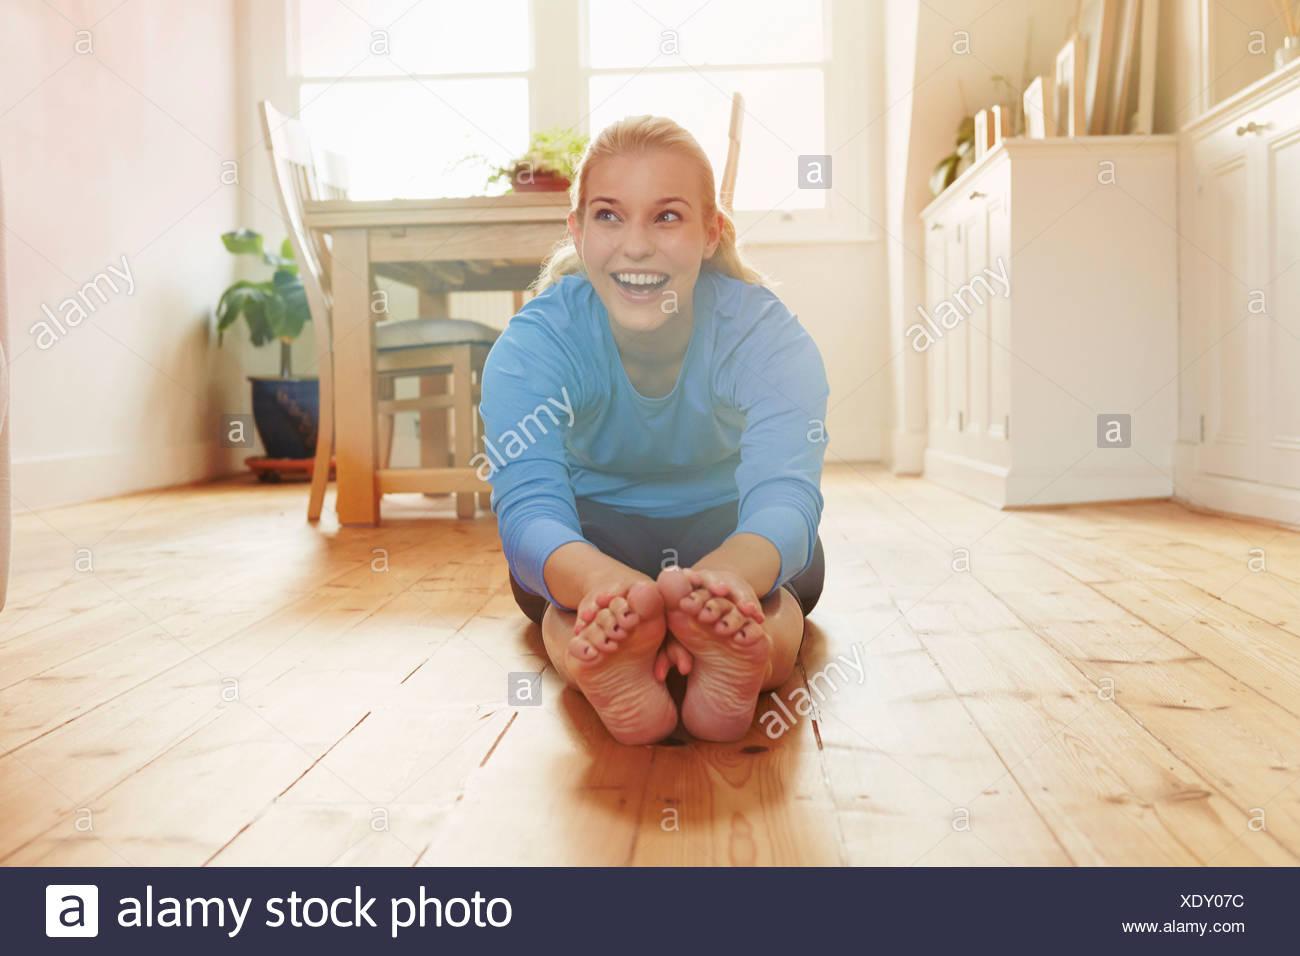 Giovane donna seduta sul pavimento inclinato in avanti di toccare le dita dei piedi Immagini Stock